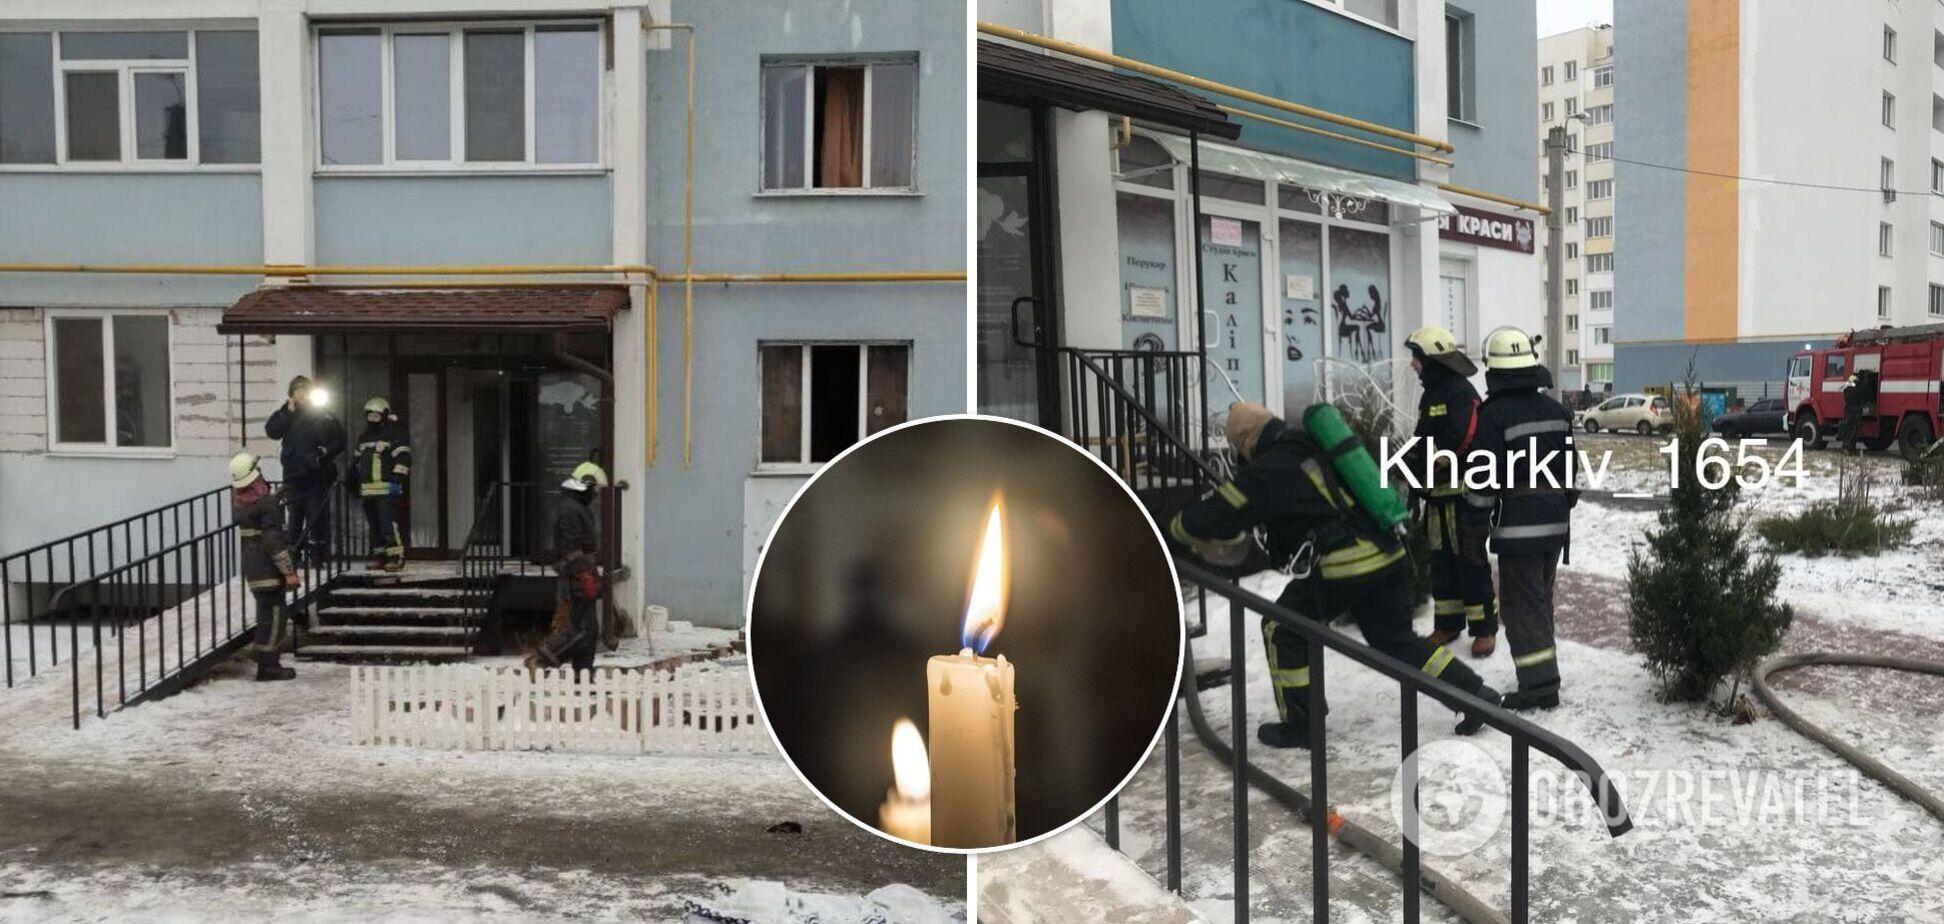 В Харькове воспитатели свечкой сожгли незаконный детсад - СМИ. Фото и видео